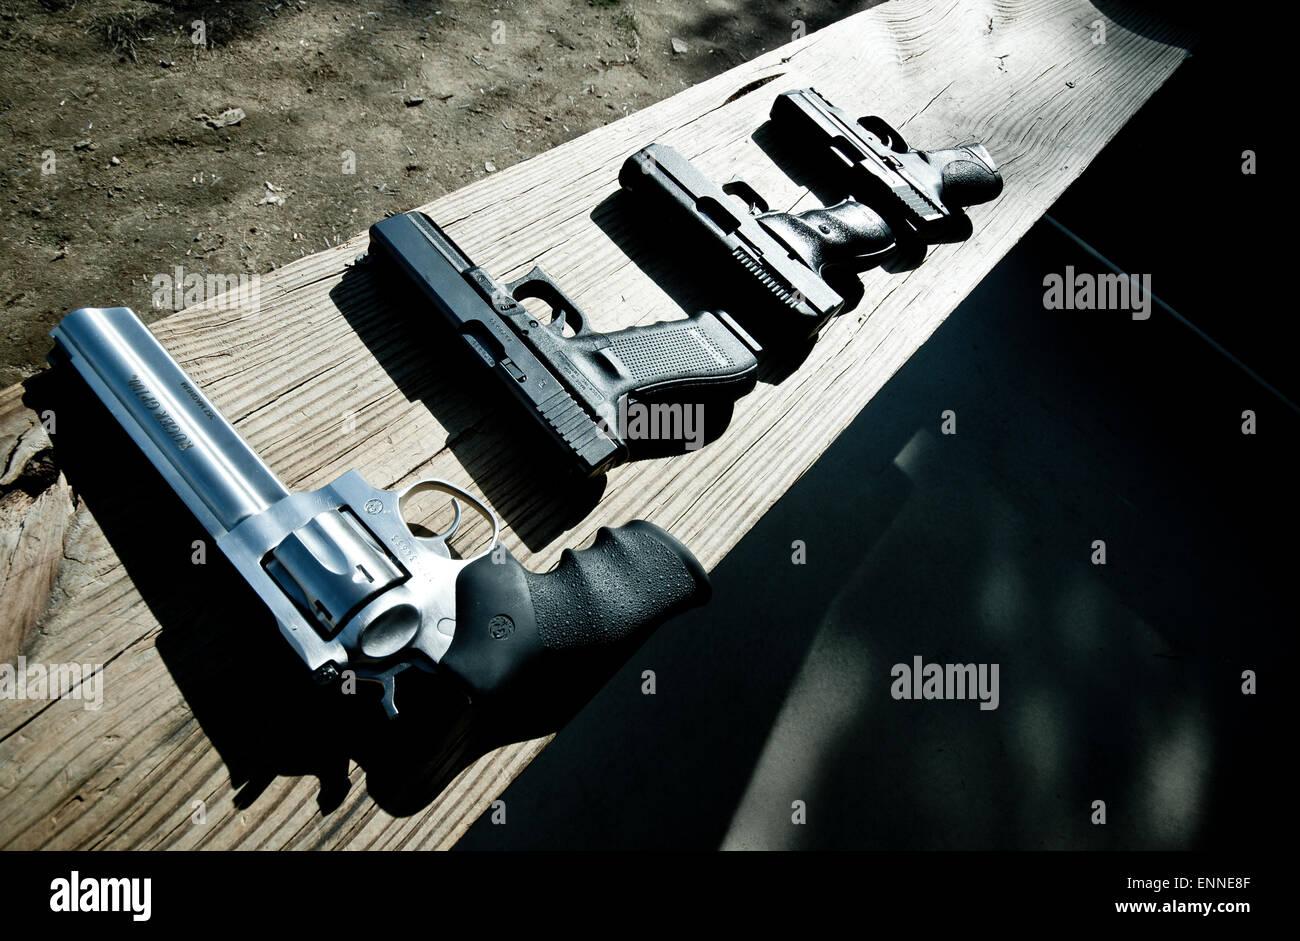 Kanonen auf dem Schießplatz. Stockbild